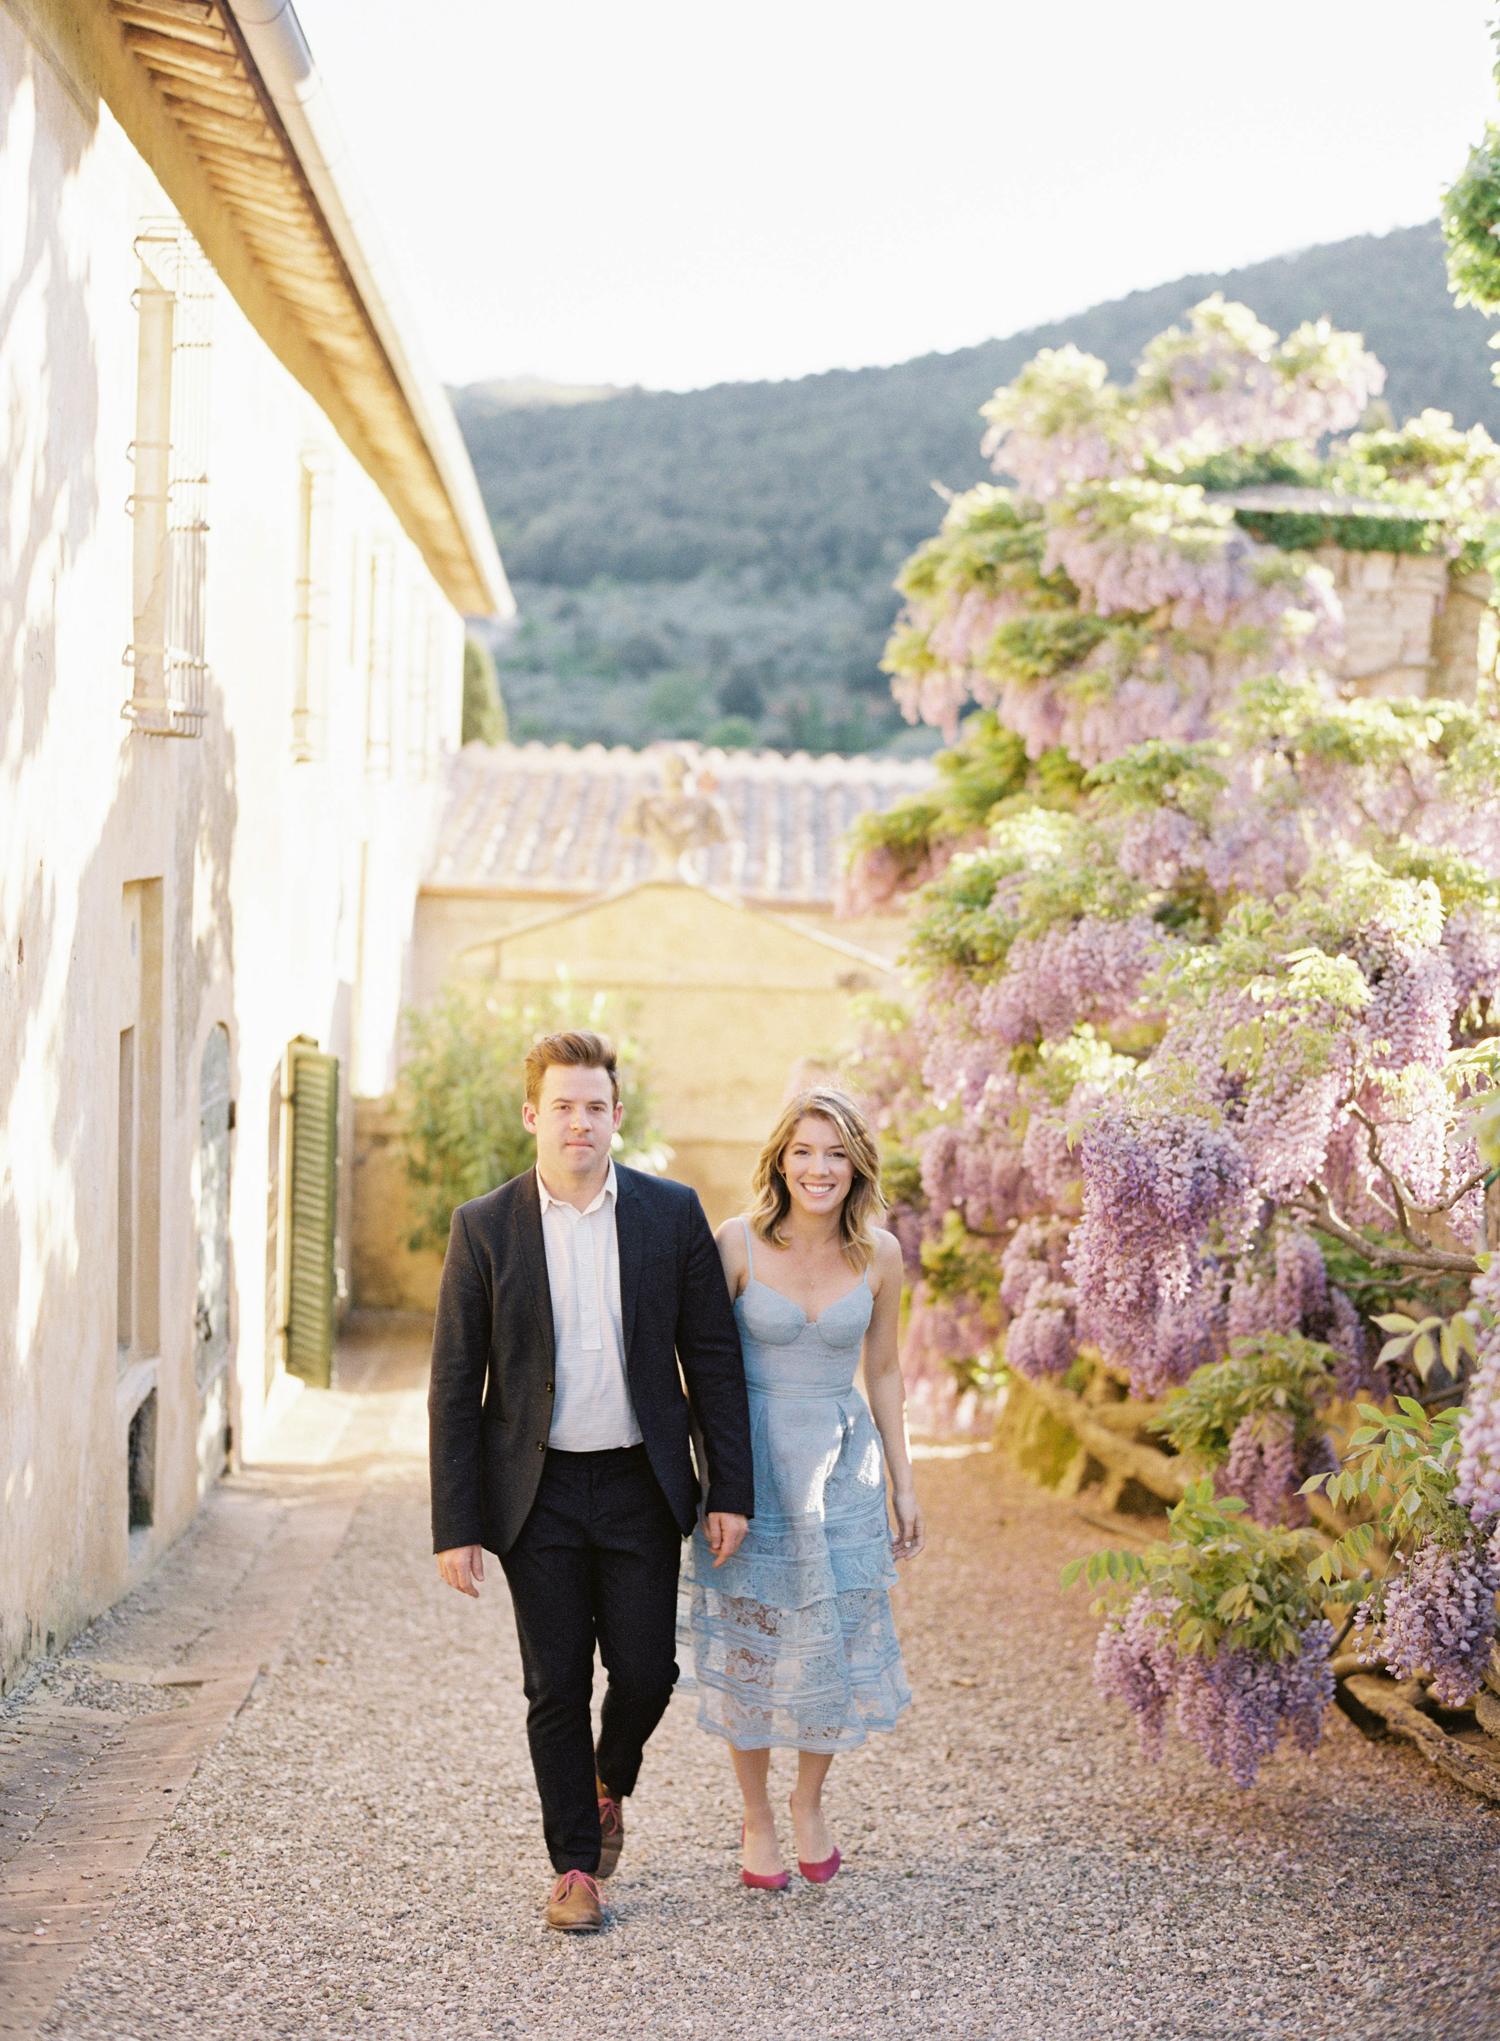 villa-cetinale-engagement-10.jpg